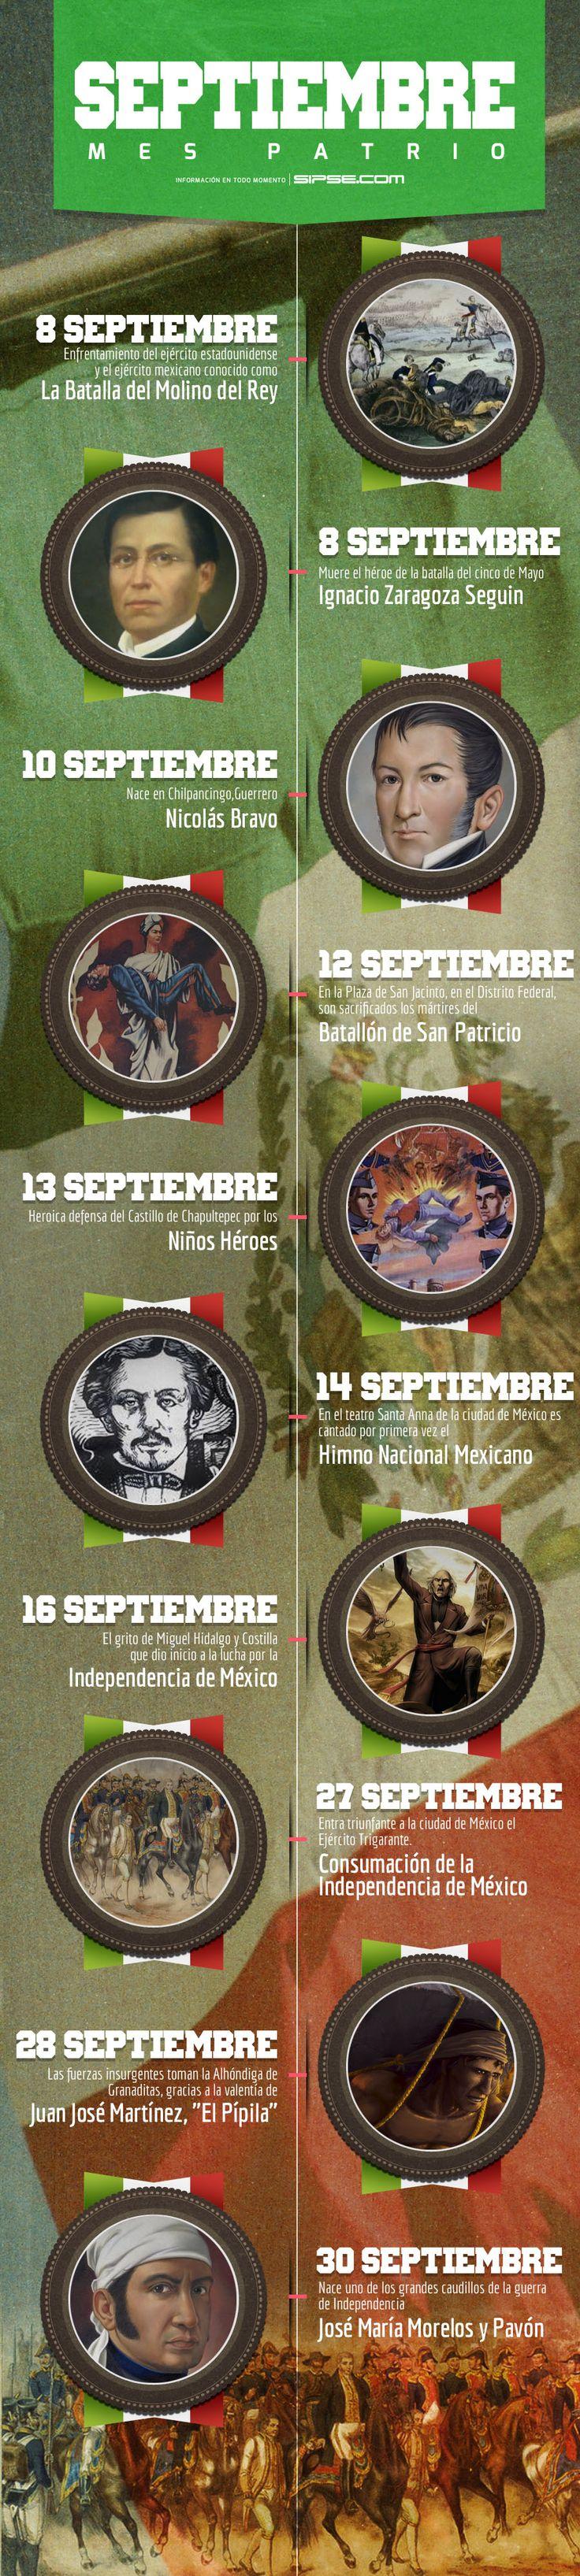 Septiembre mes de la Patria